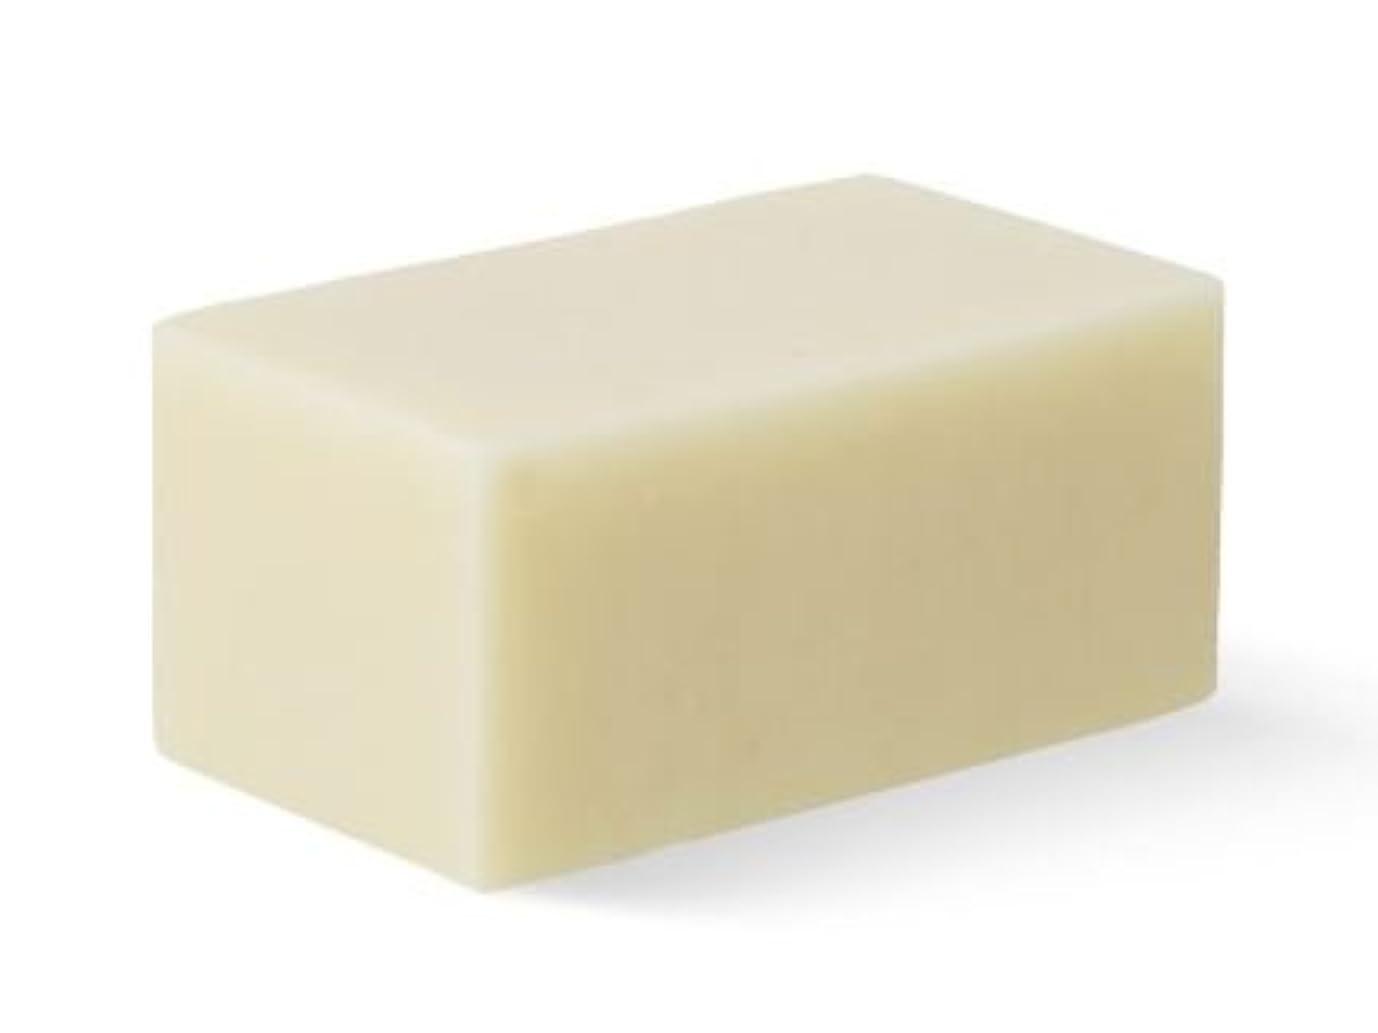 横たわるキャプテンエスニック[Abib] Facial Soap ivory Brick 100g/[アビブ]フェイシャルソープ アイボリー ブリック100g [並行輸入品]